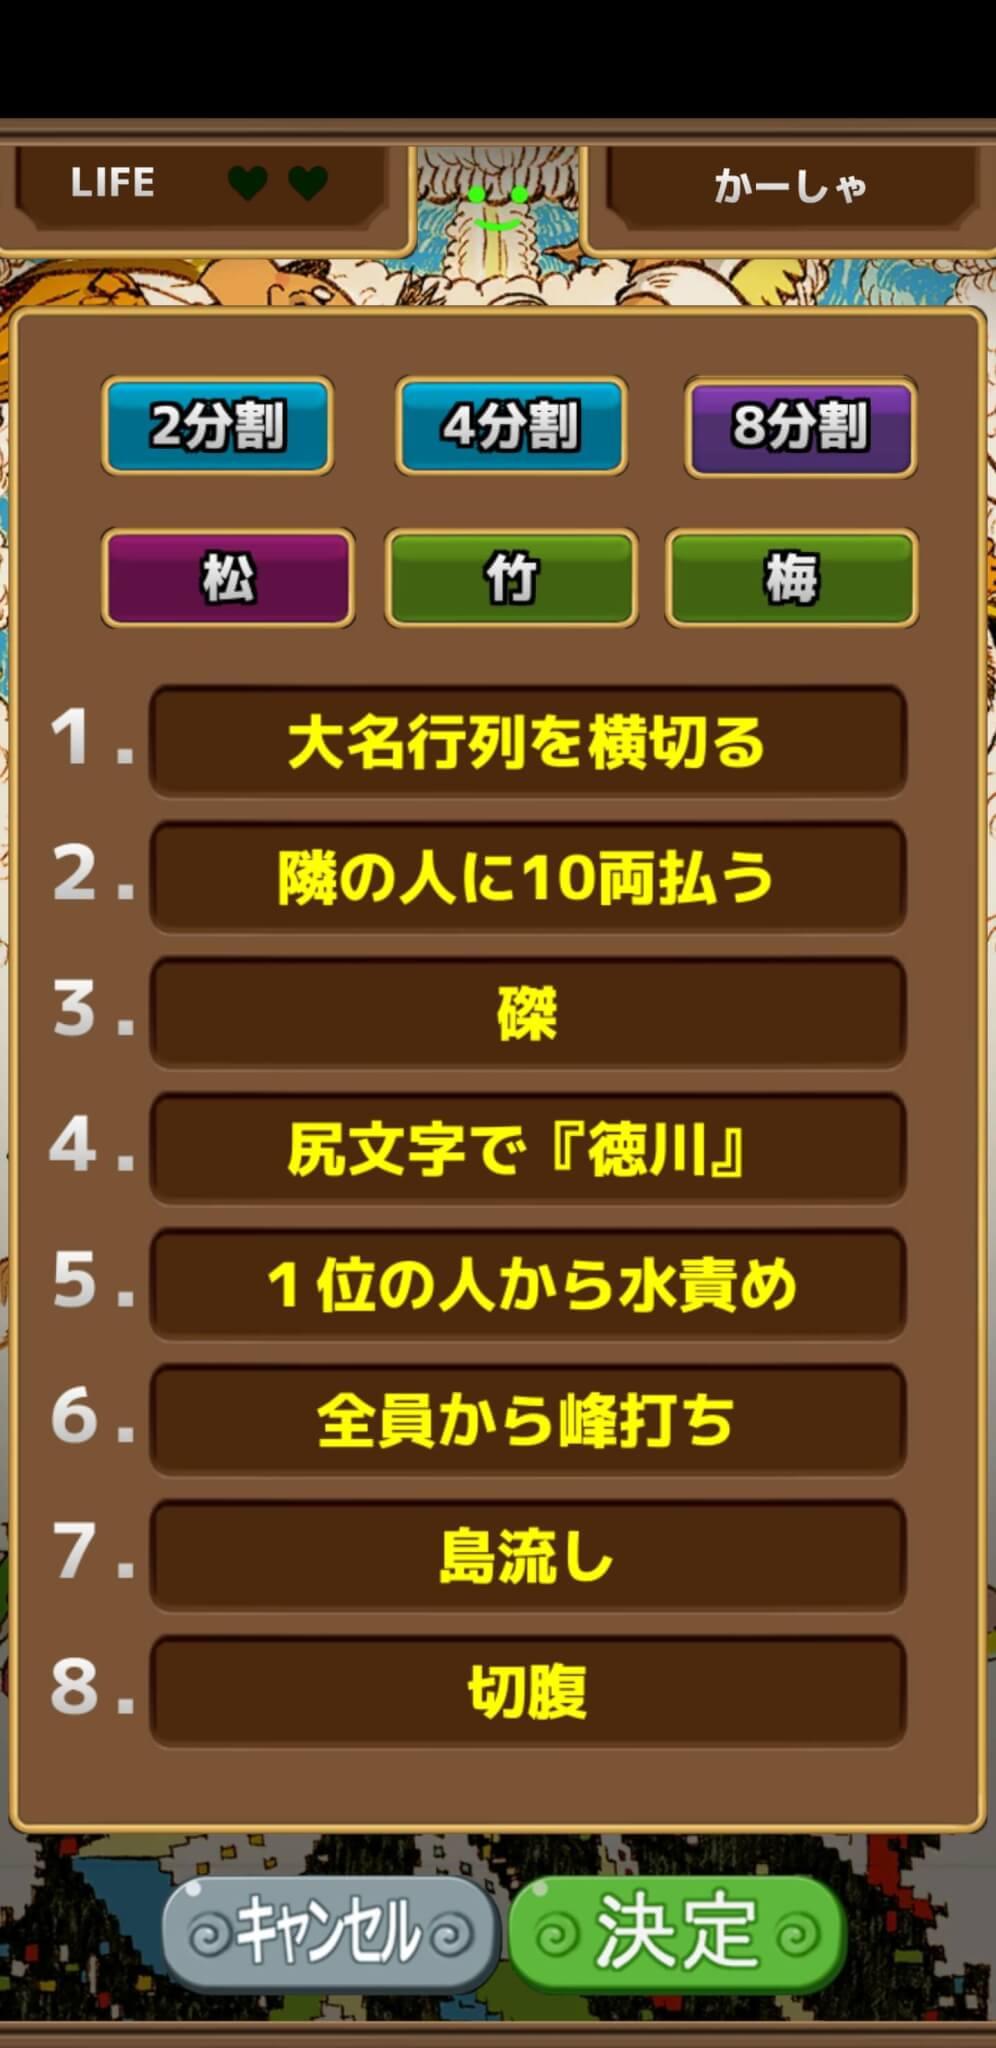 罰ゲーム 江戸時代バージョン